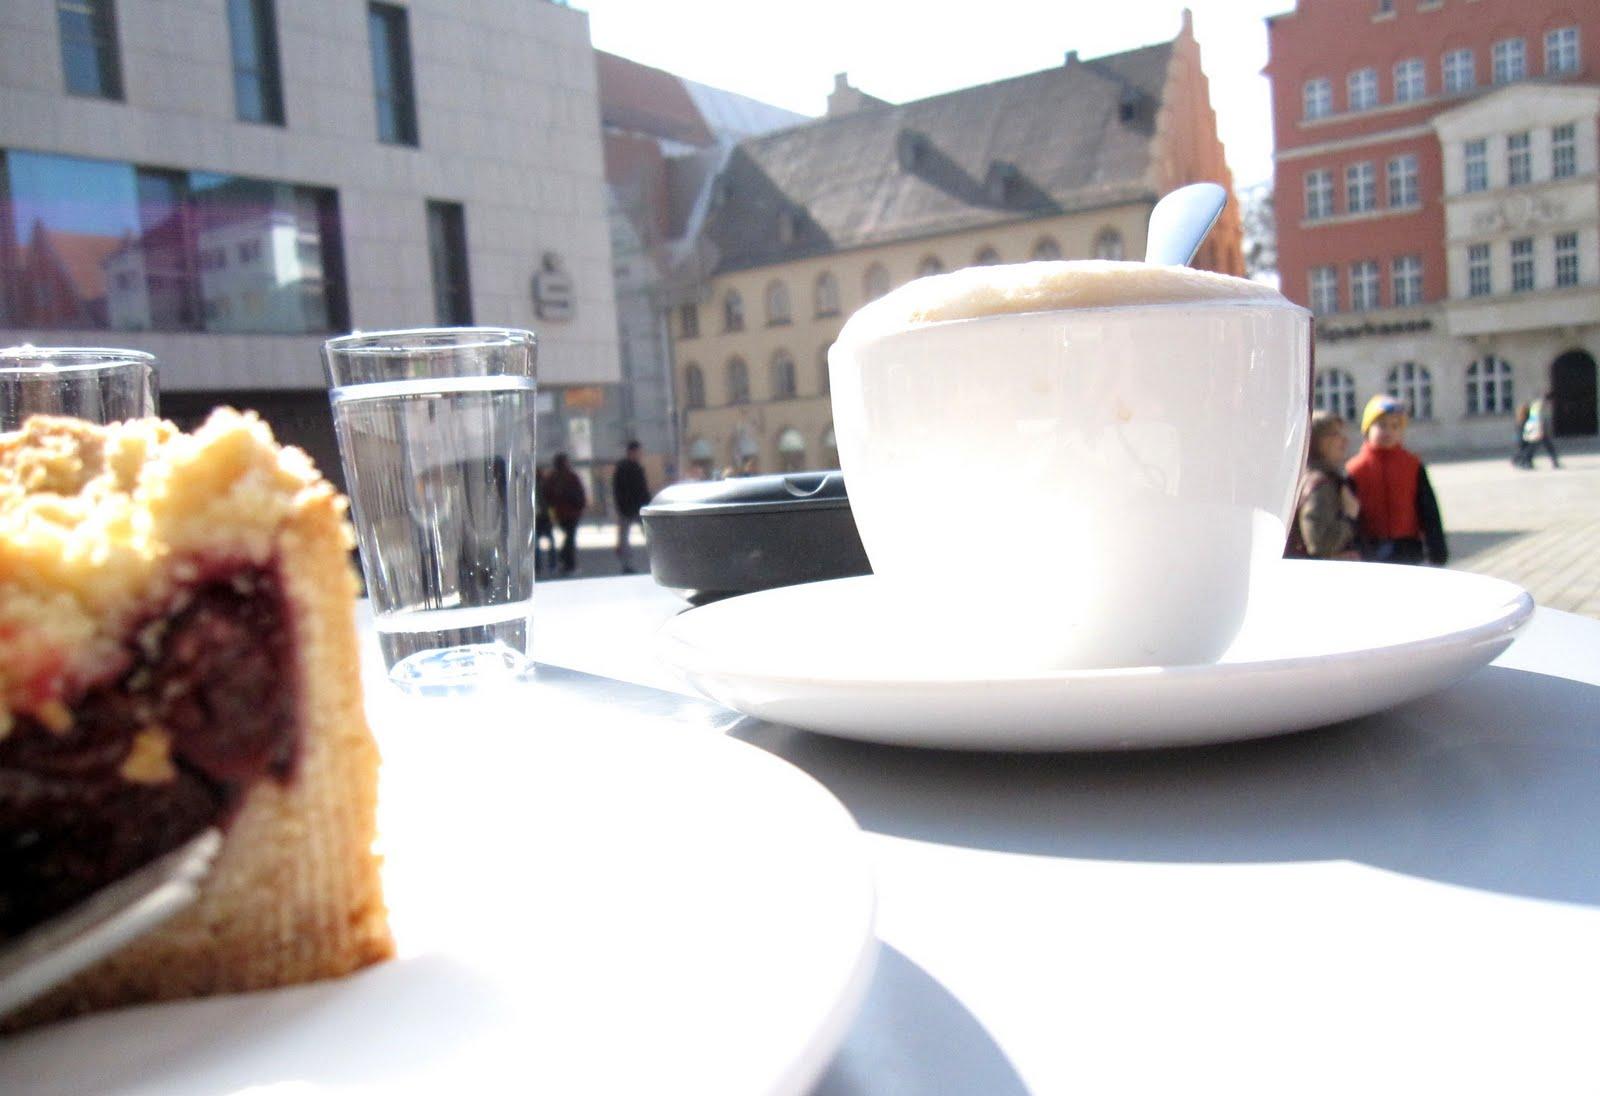 Caf und kuchen moritz caf am rathausplatz ingolstadt for Mobelhof ingolstadt kuchen